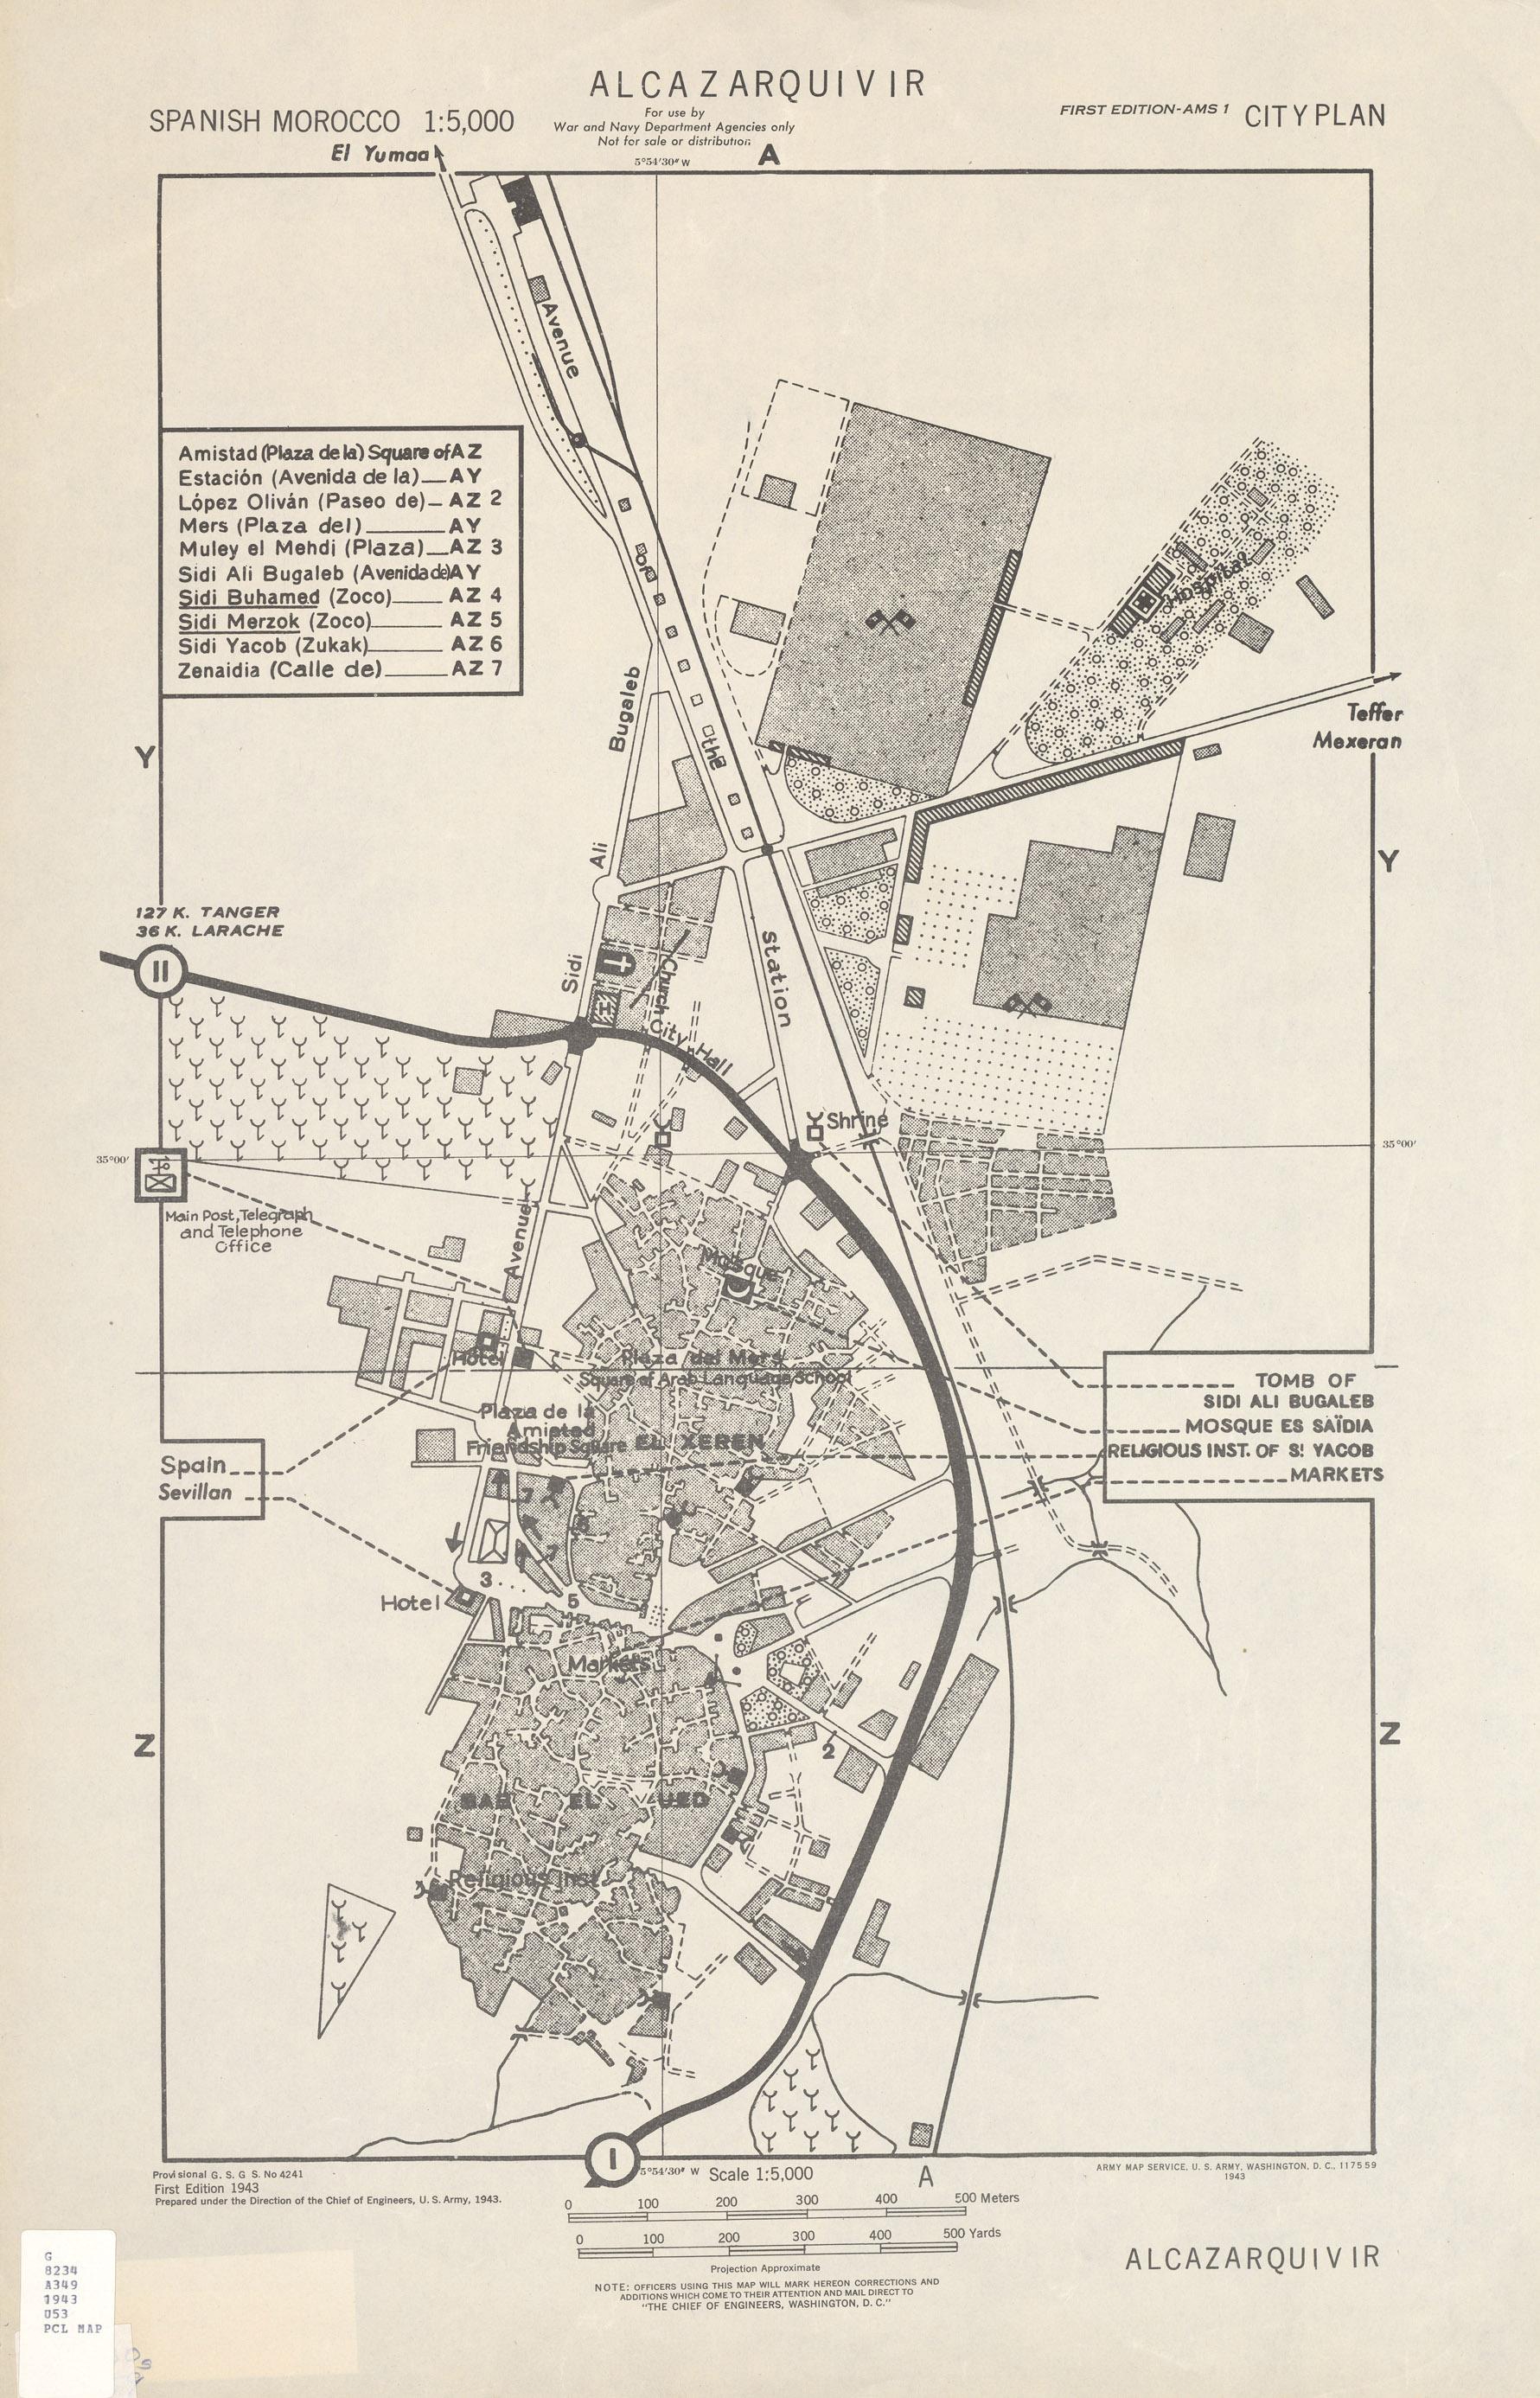 Mapa de la Ciudad de Alcazarquivir, Marruecos 1943